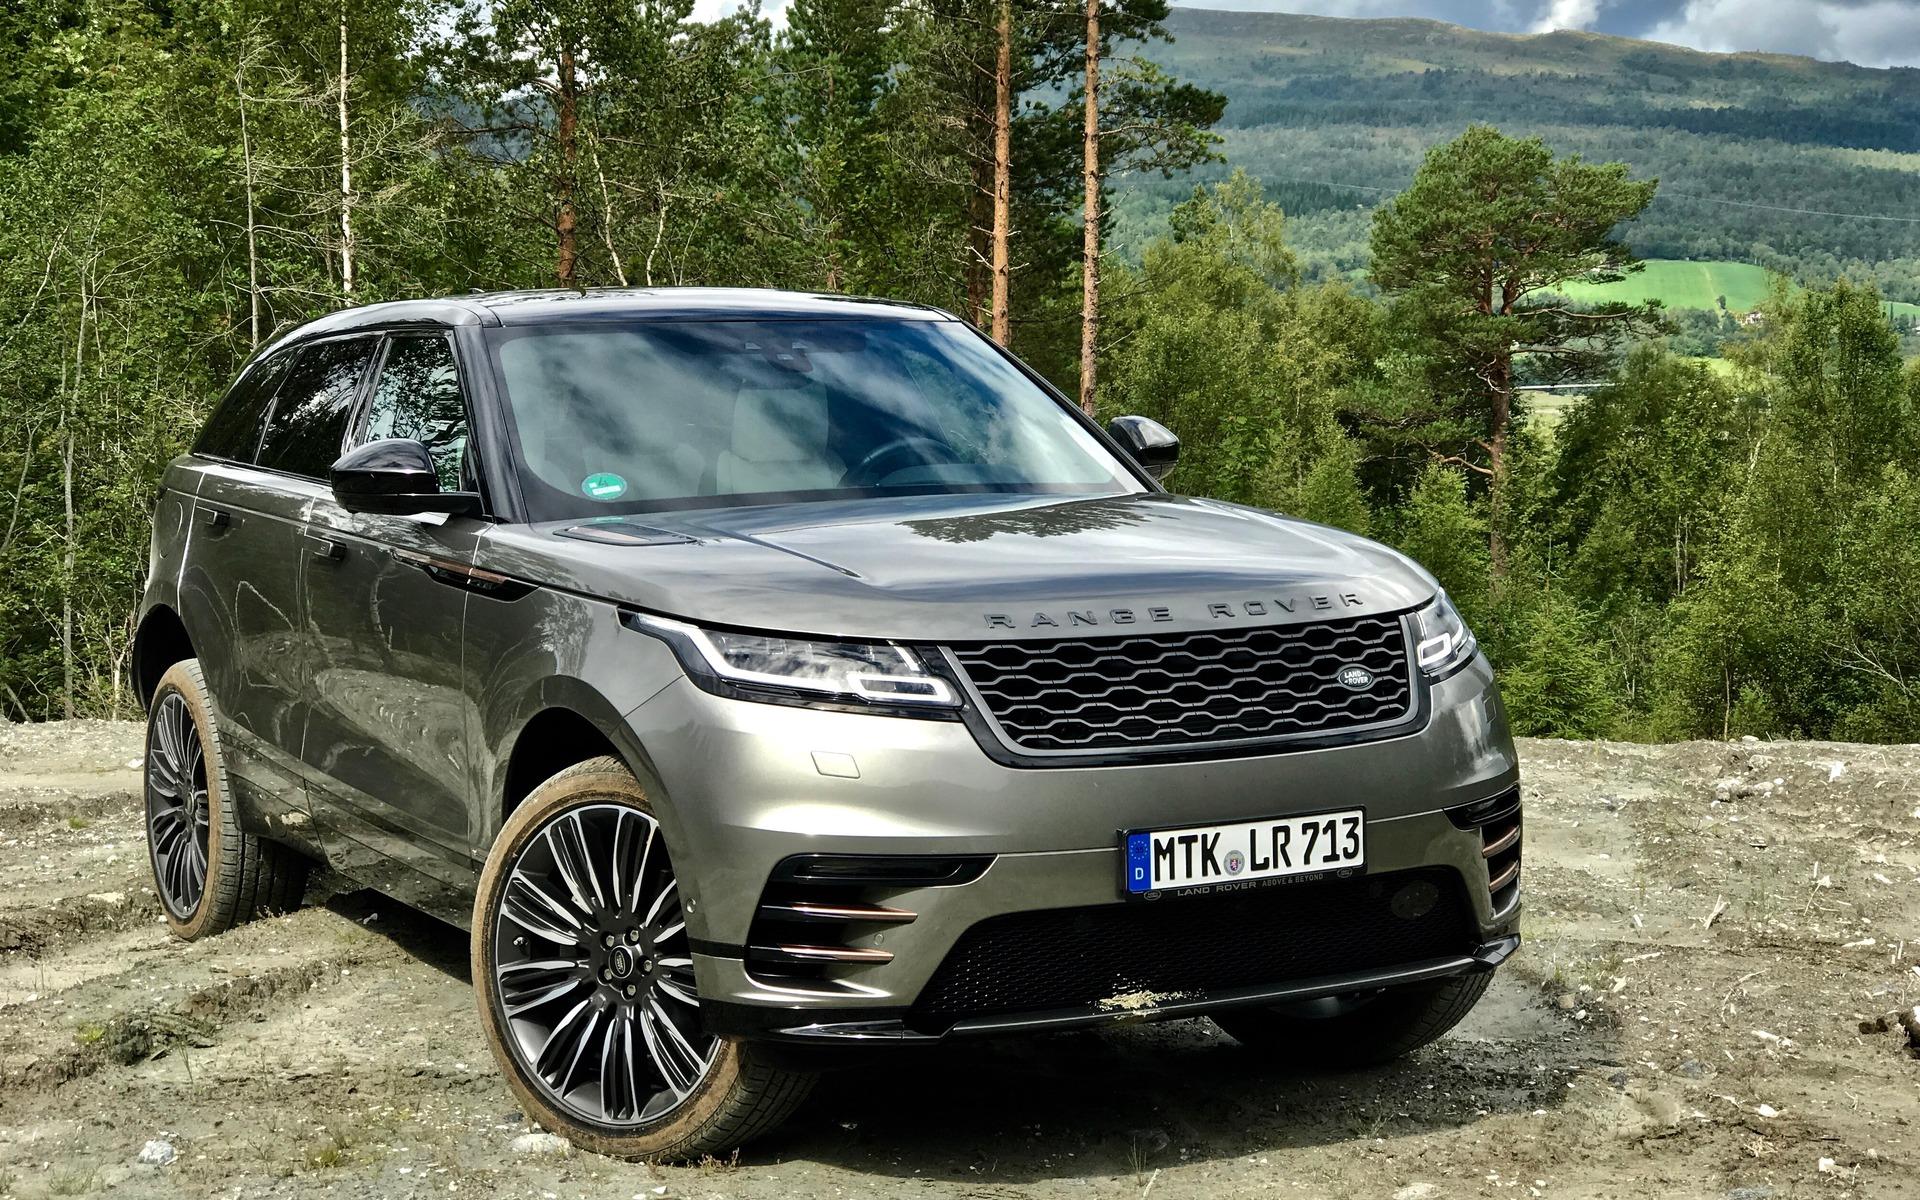 2018 Range Rover Velar A Distinguished f roader The Car Guide